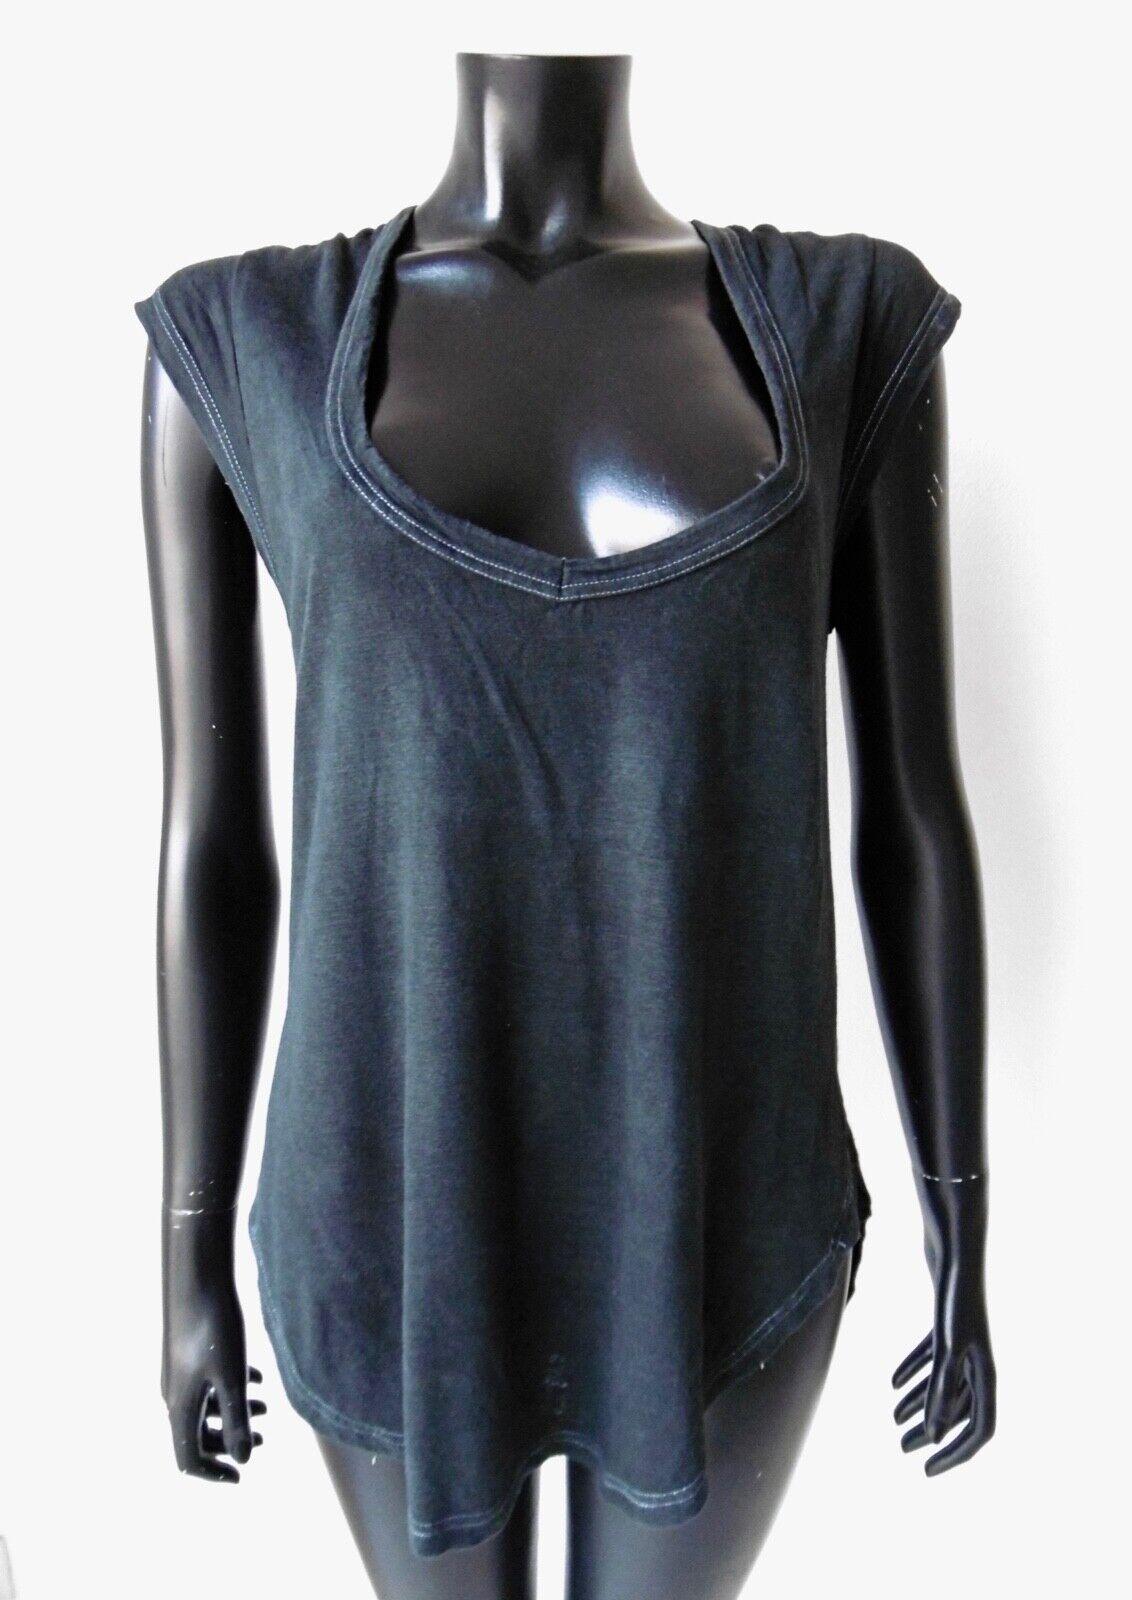 ISABEL MARANT ETOILE Top Haut Manches Courtes T-Shirt schwarz M